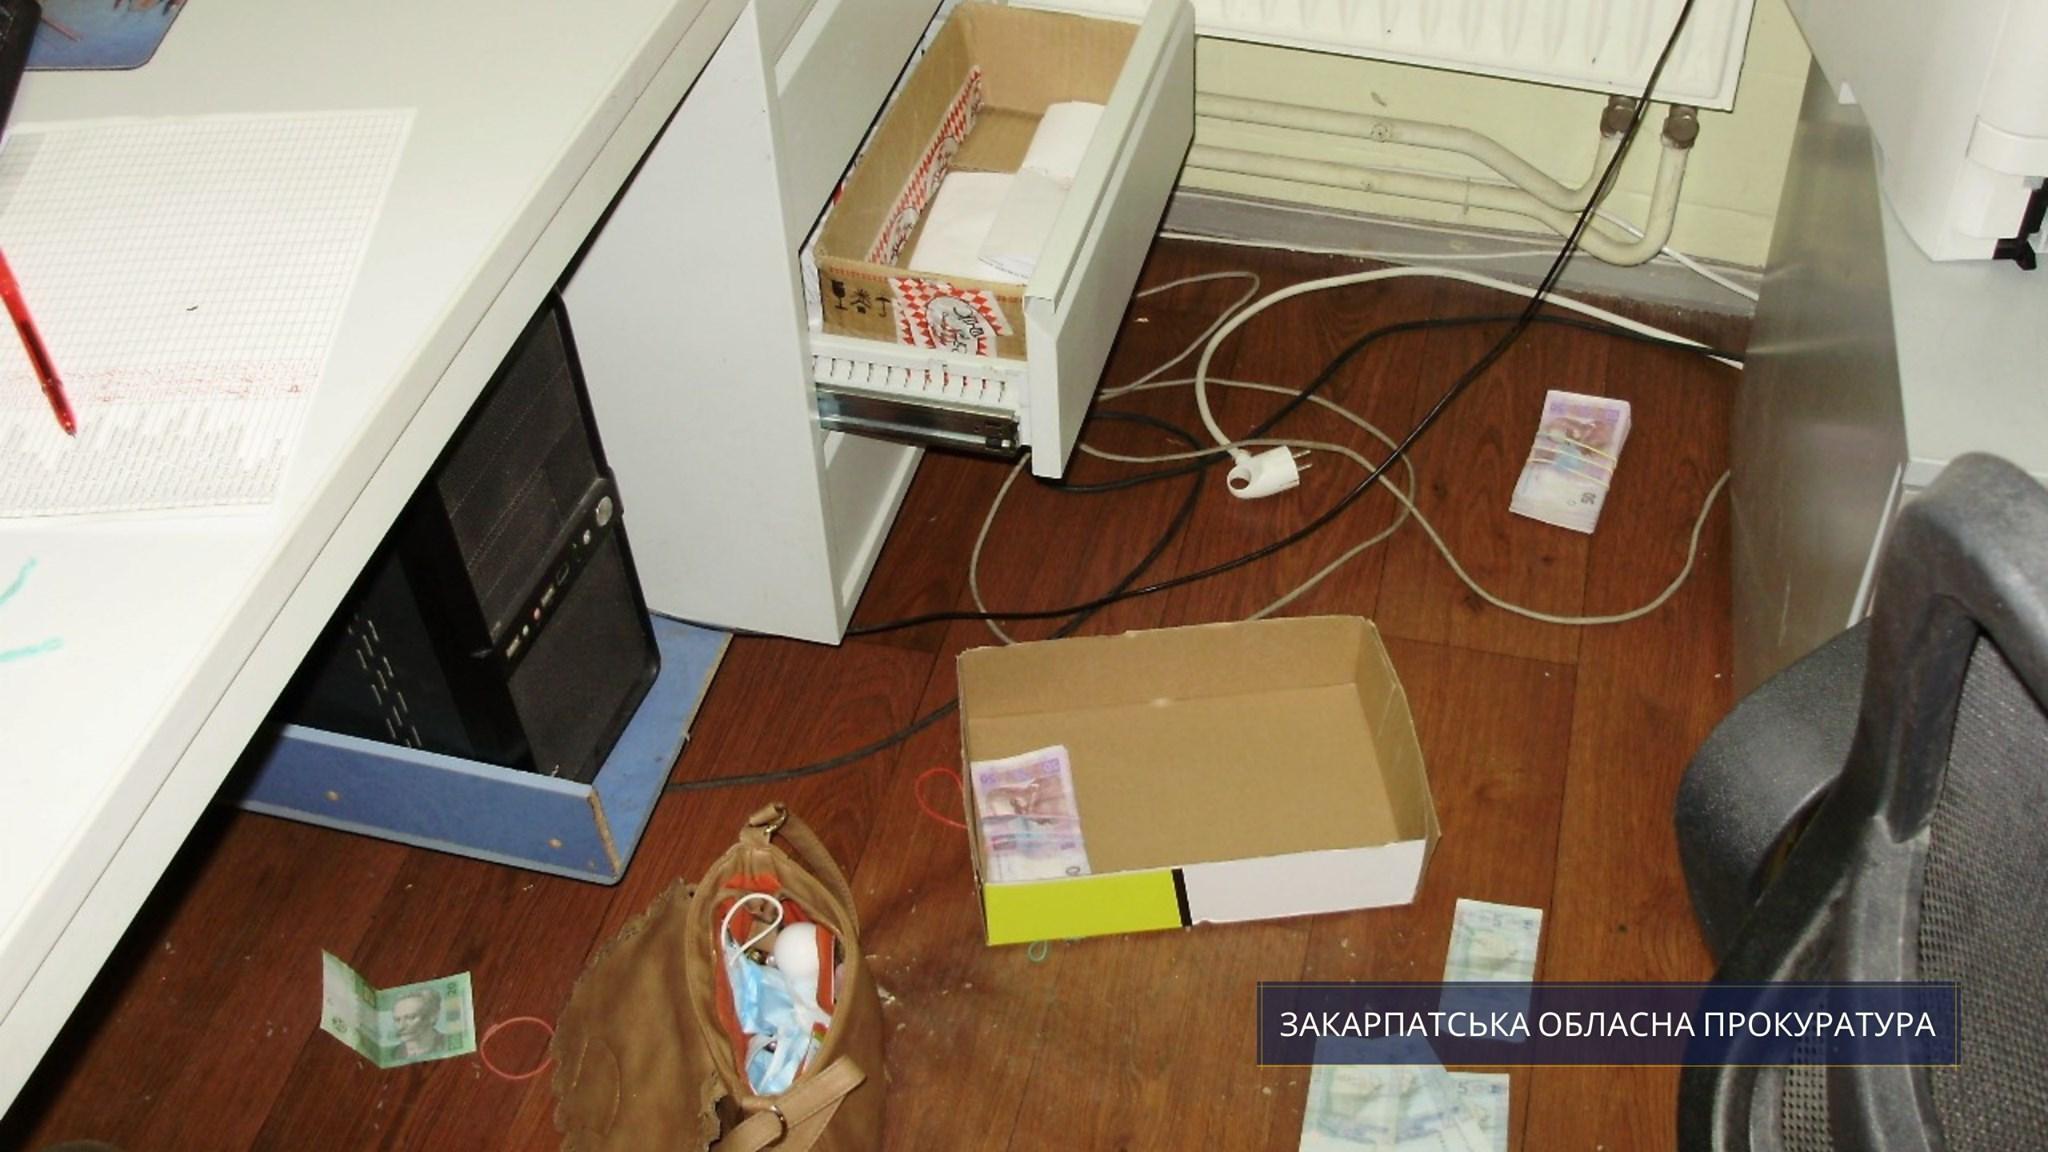 За погодження Мукачівської місцевої прокуратури повідомлено про підозру 39-річному місцевому мешканцю у вчиненні розбійного нападу на оптовий склад кондитерських виробів.